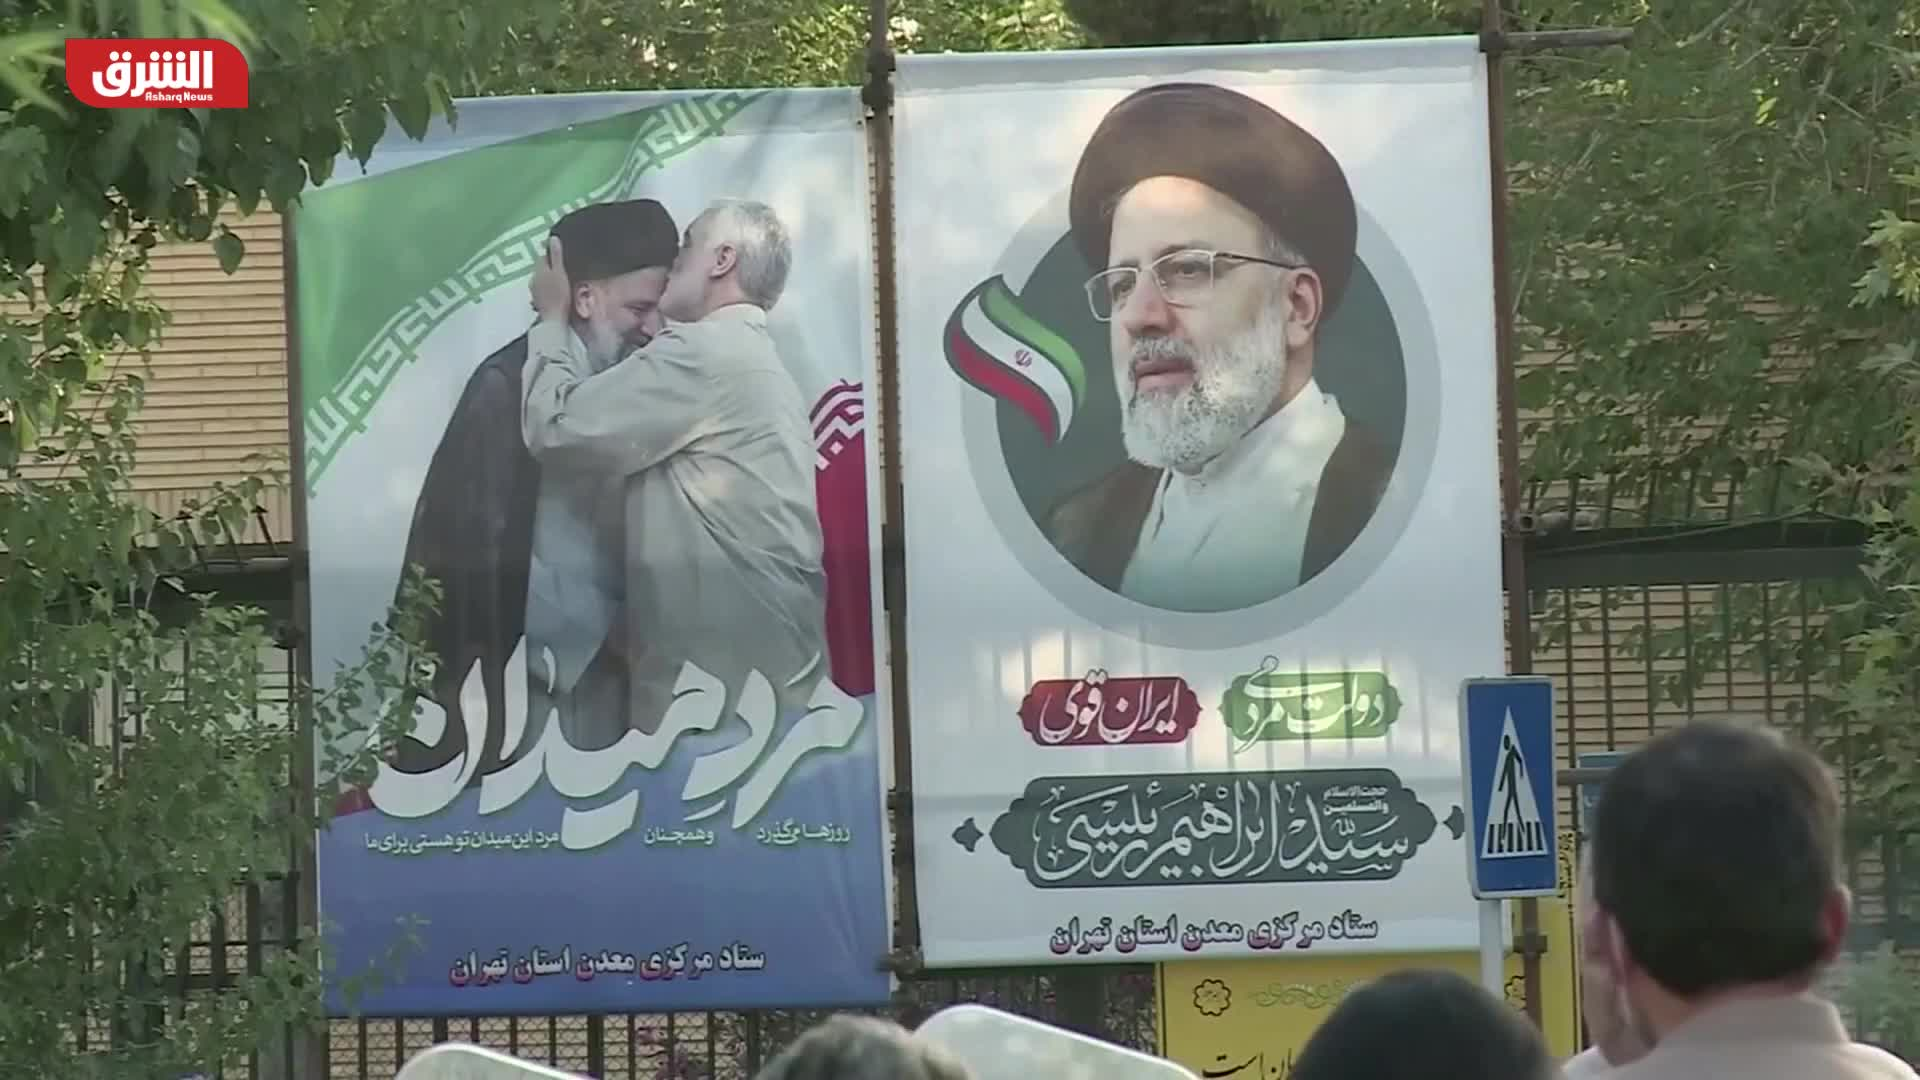 عقب هجوم بحر العرب.. إيران على رادار الرد الأميركي البريطاني